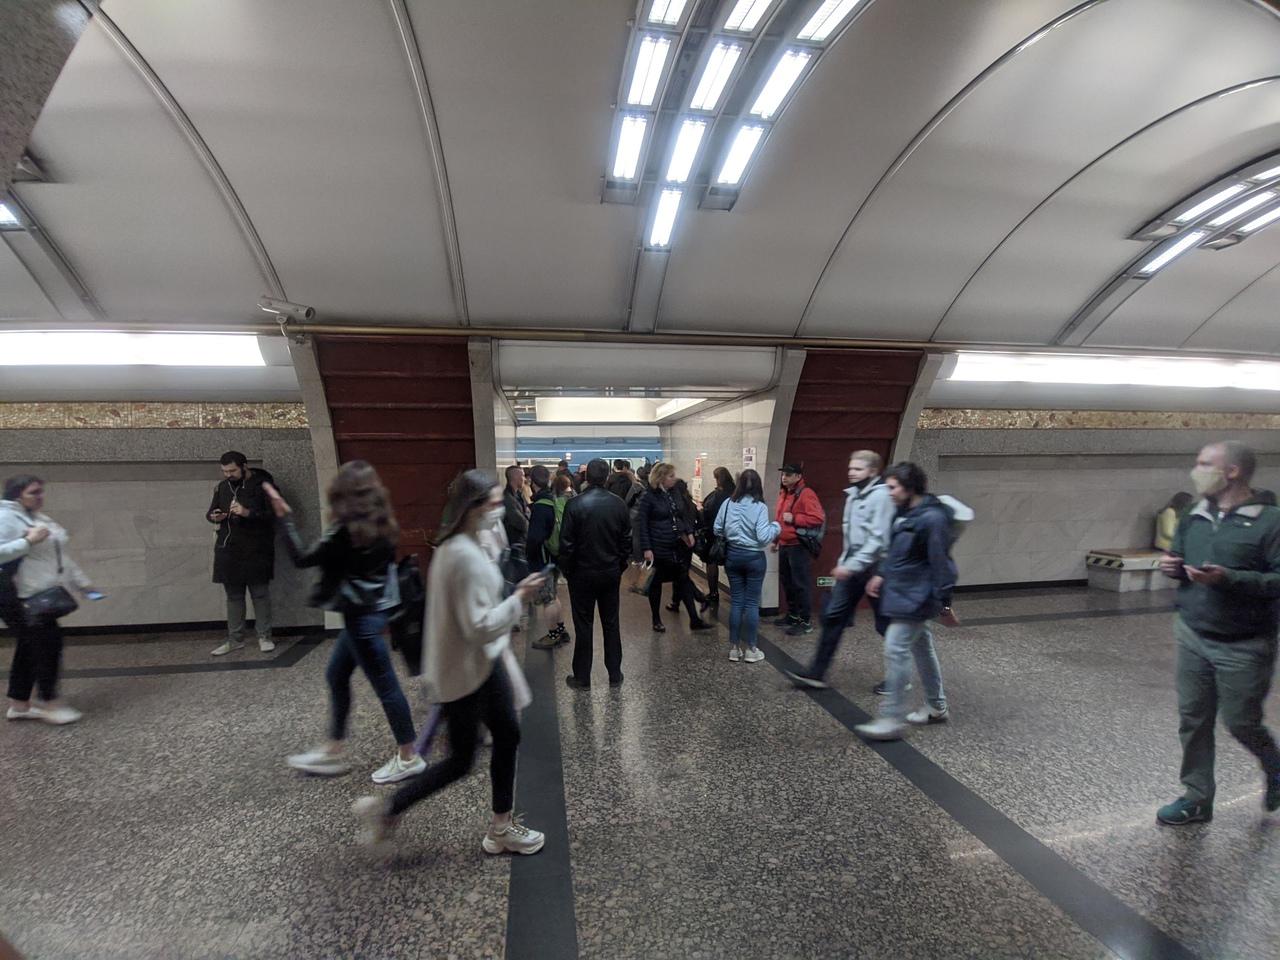 Закрывается станция метро Международная Посадки нет От Волковской до Международной поезда не ходят.